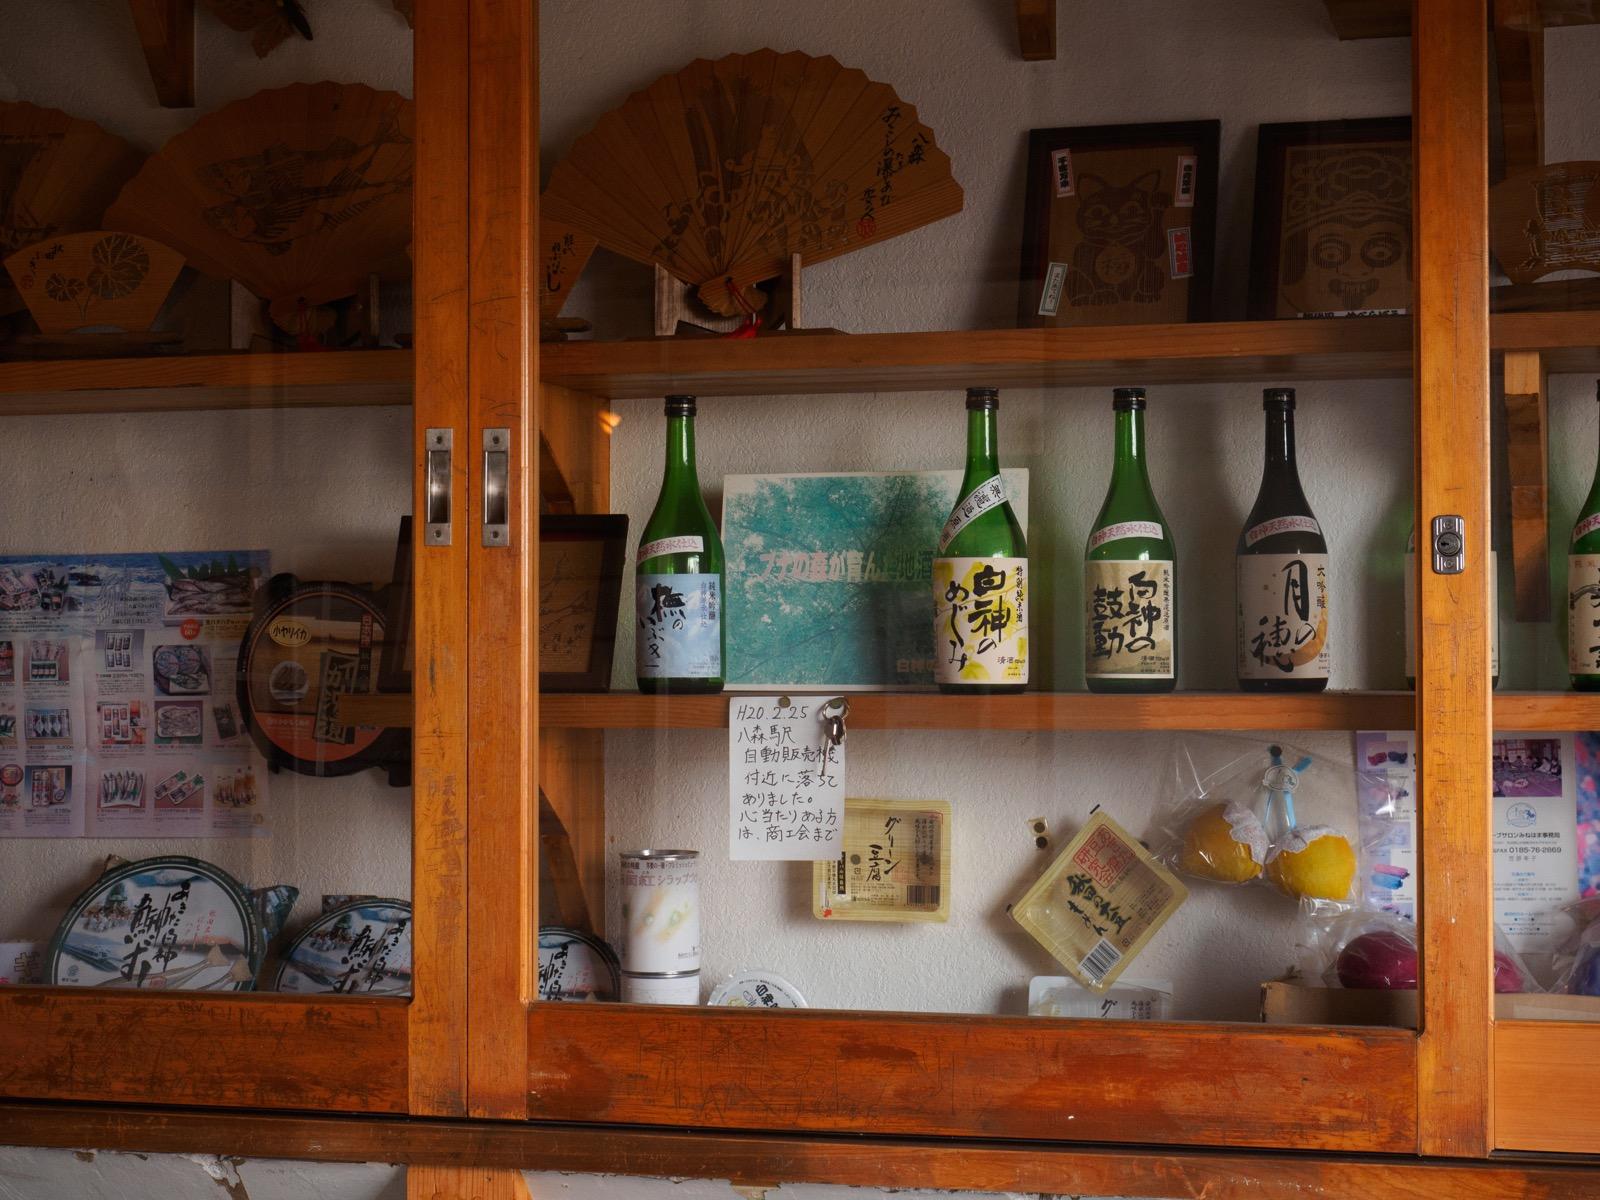 八森駅の駅舎内に陳列されている名産品